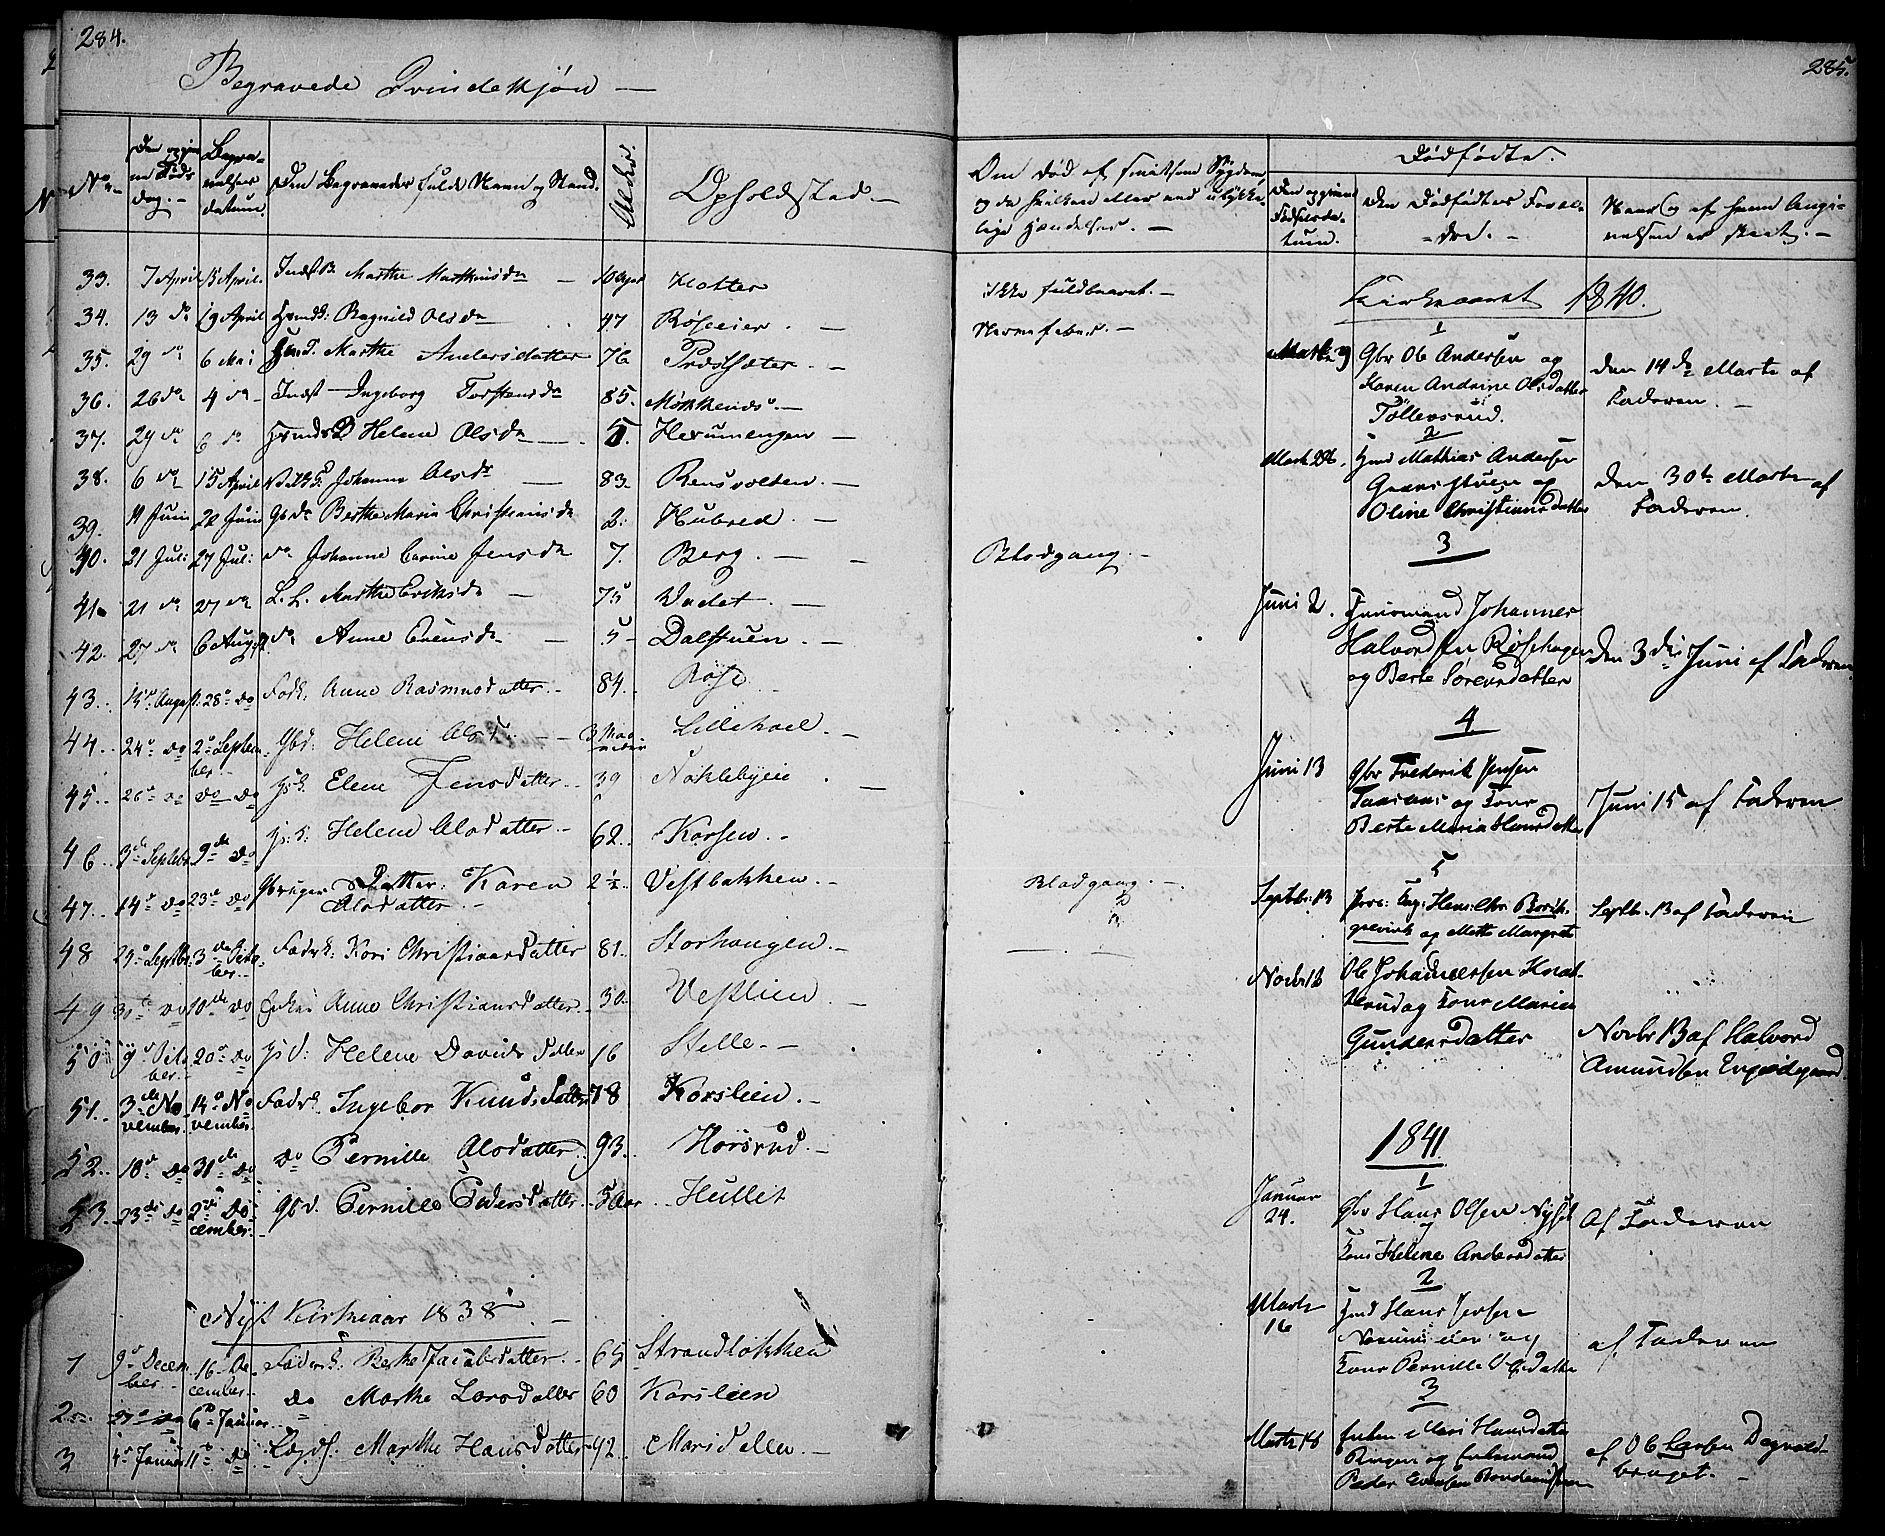 SAH, Vestre Toten prestekontor, Ministerialbok nr. 3, 1836-1843, s. 284-285